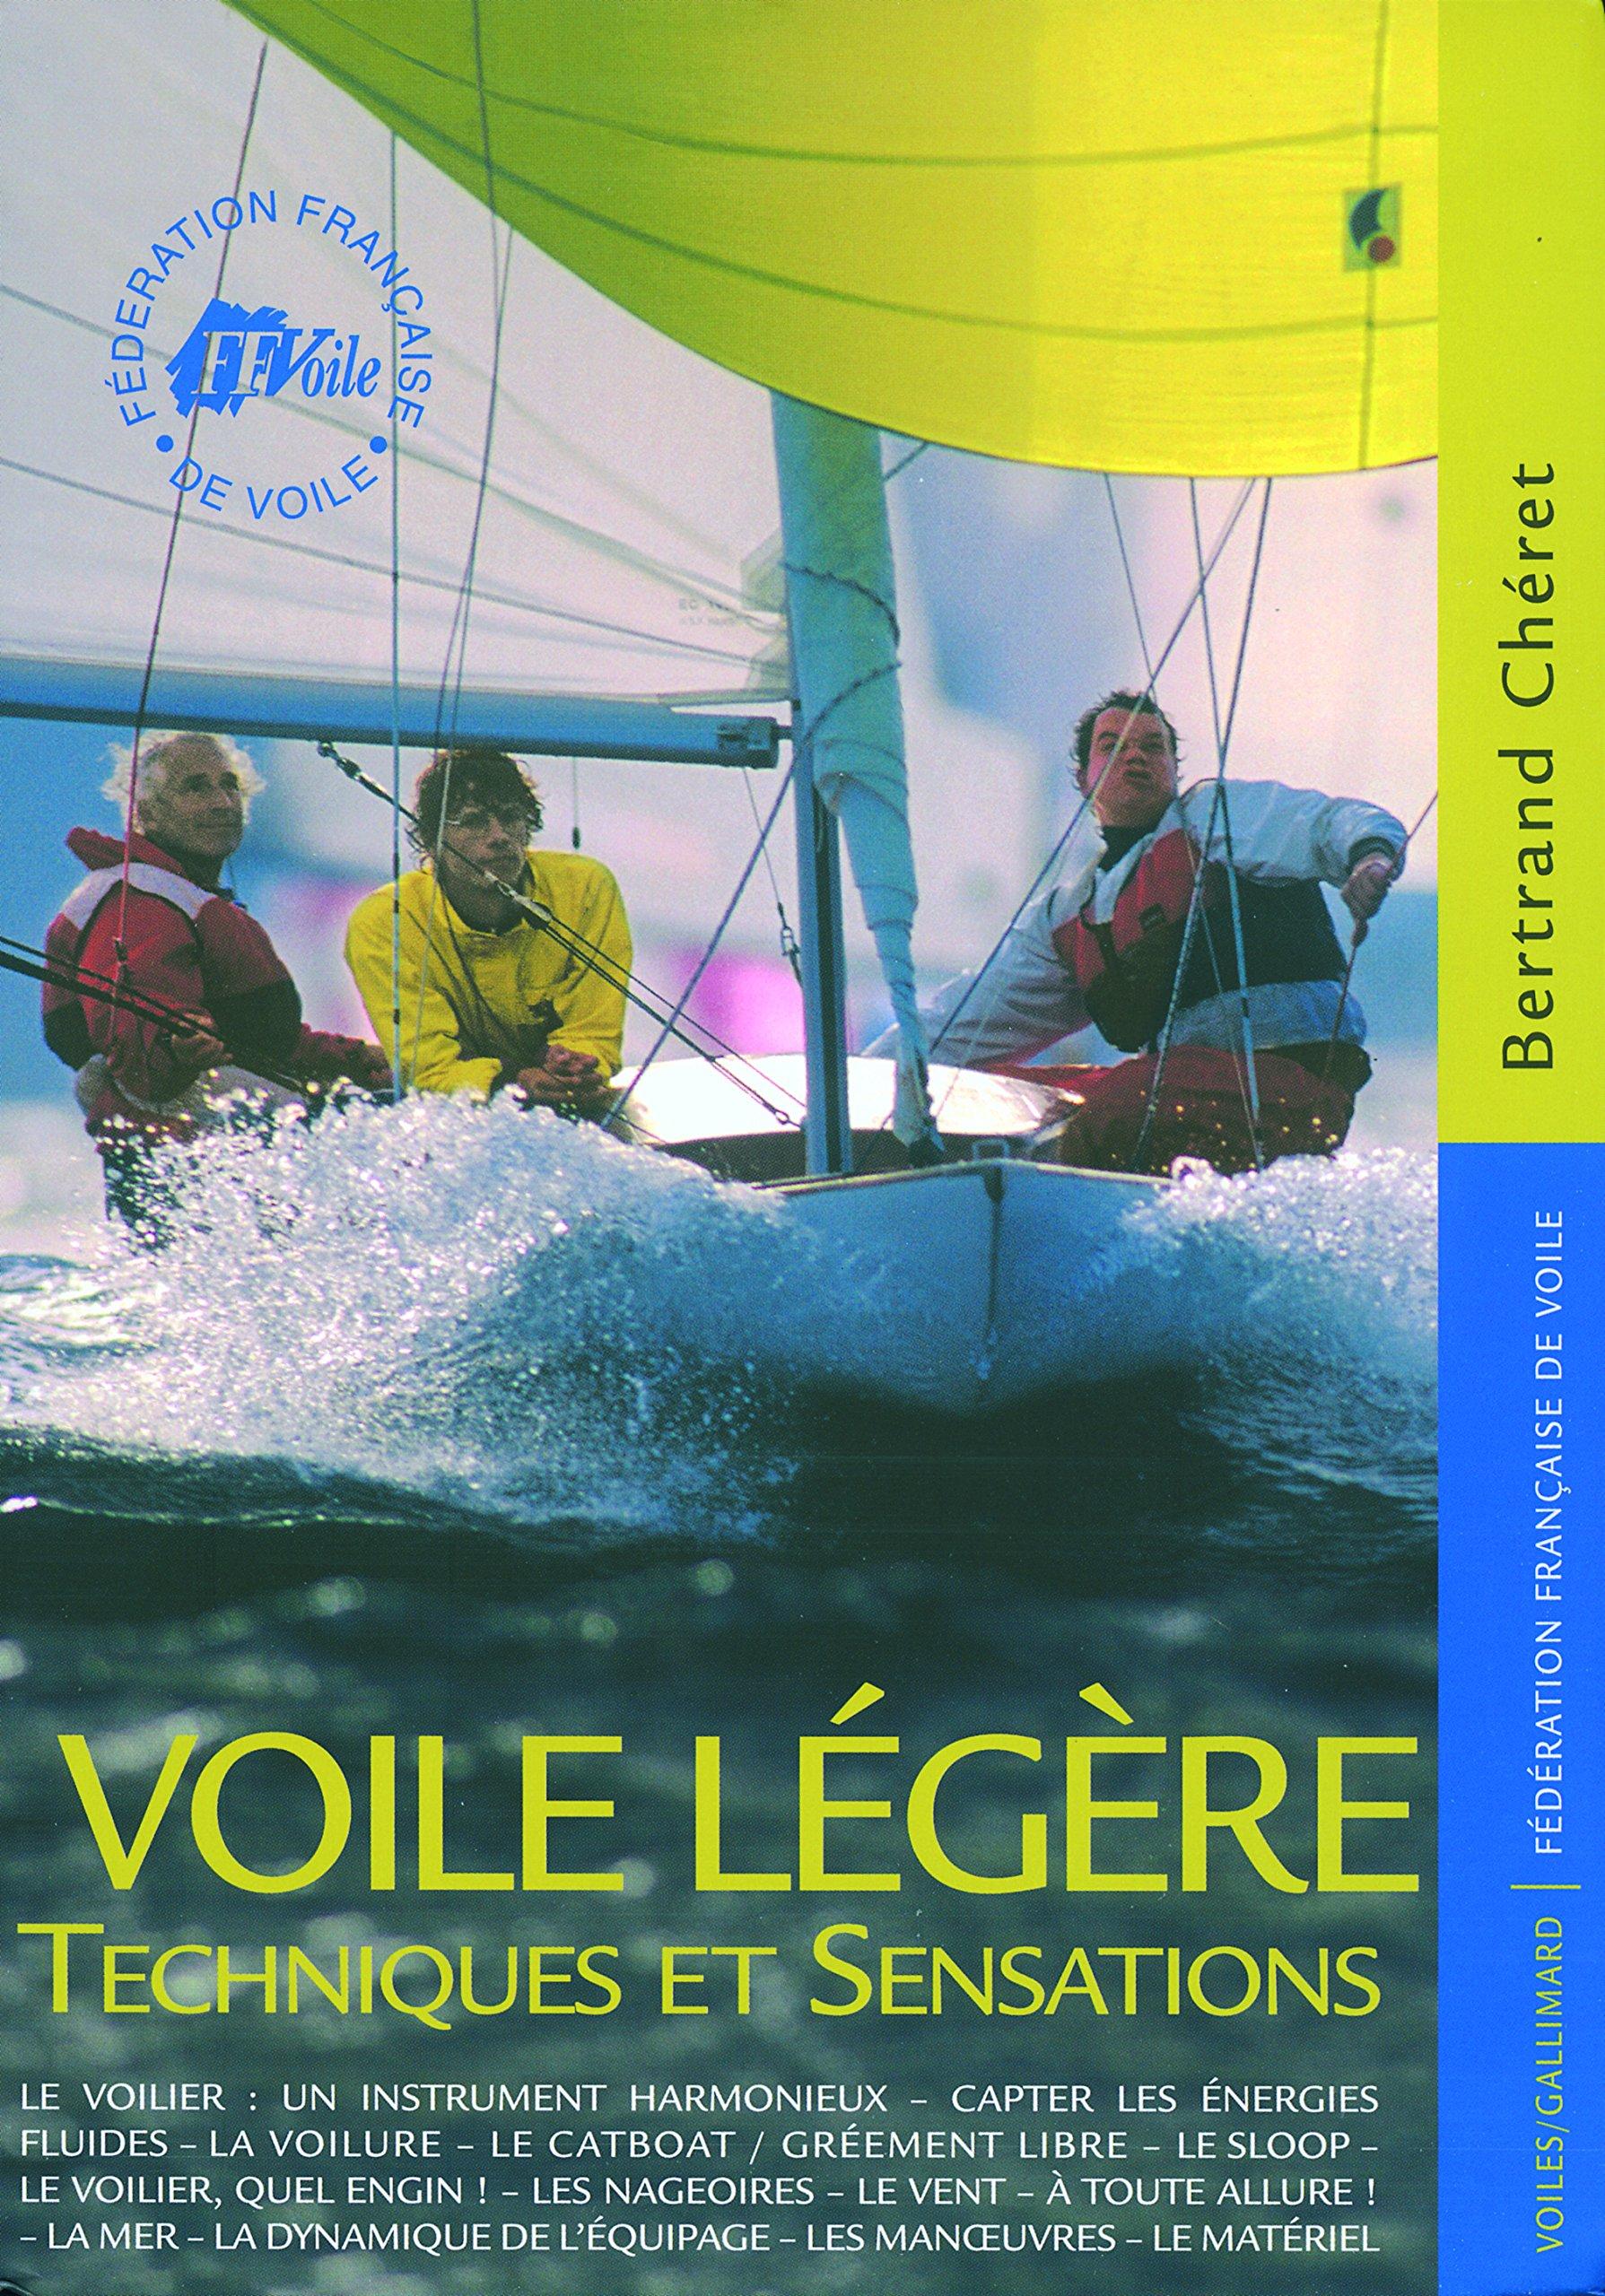 Voile légère: Techniques et sensations Broché – 5 octobre 2006 Bertrand Chéret Voiles Gallimard 2742412638 MAK_VRG_9782742412631